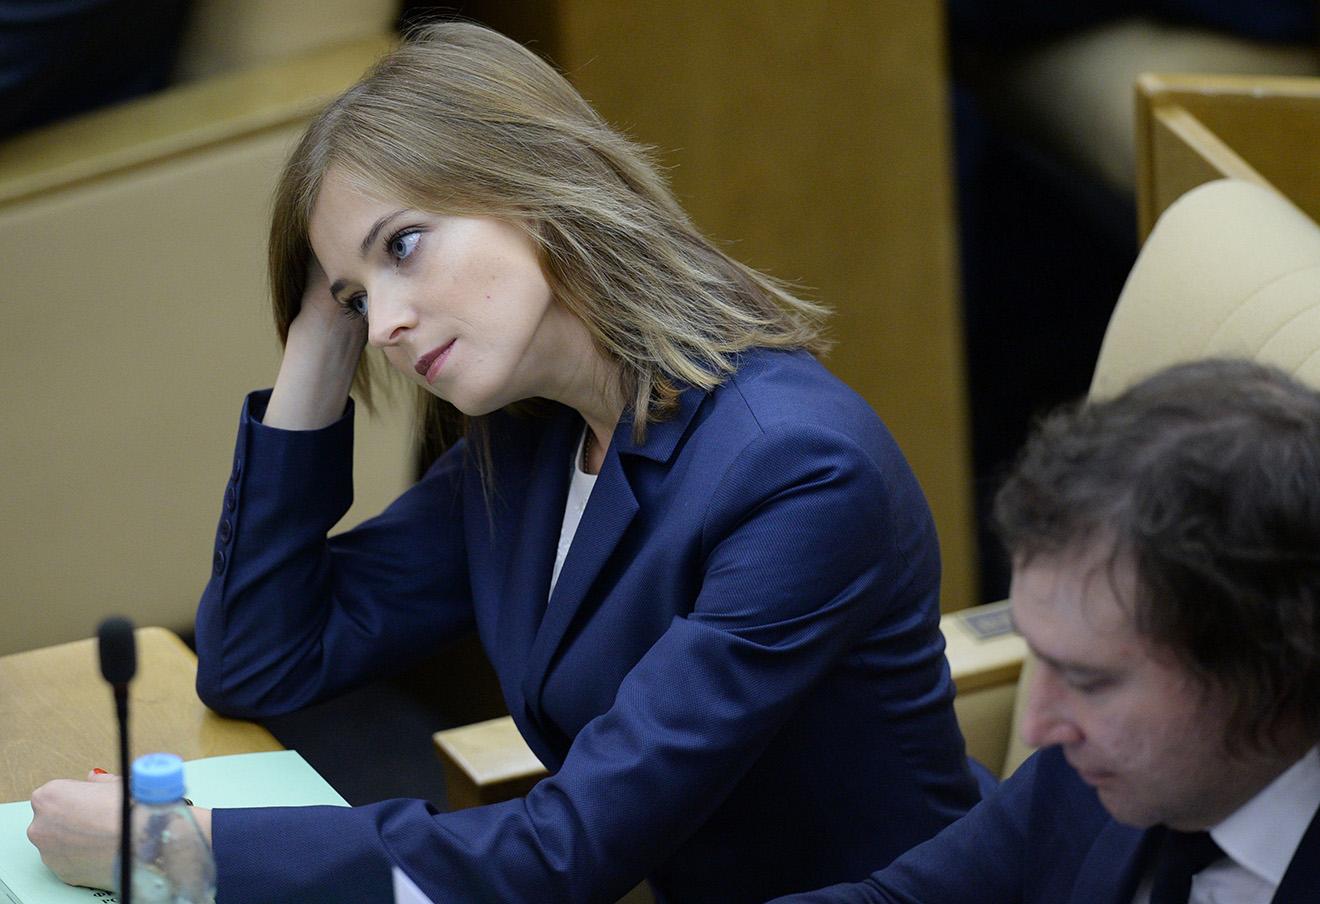 Наталья Поклонская. Фото: Natalia Kolesnikova / AP / East News